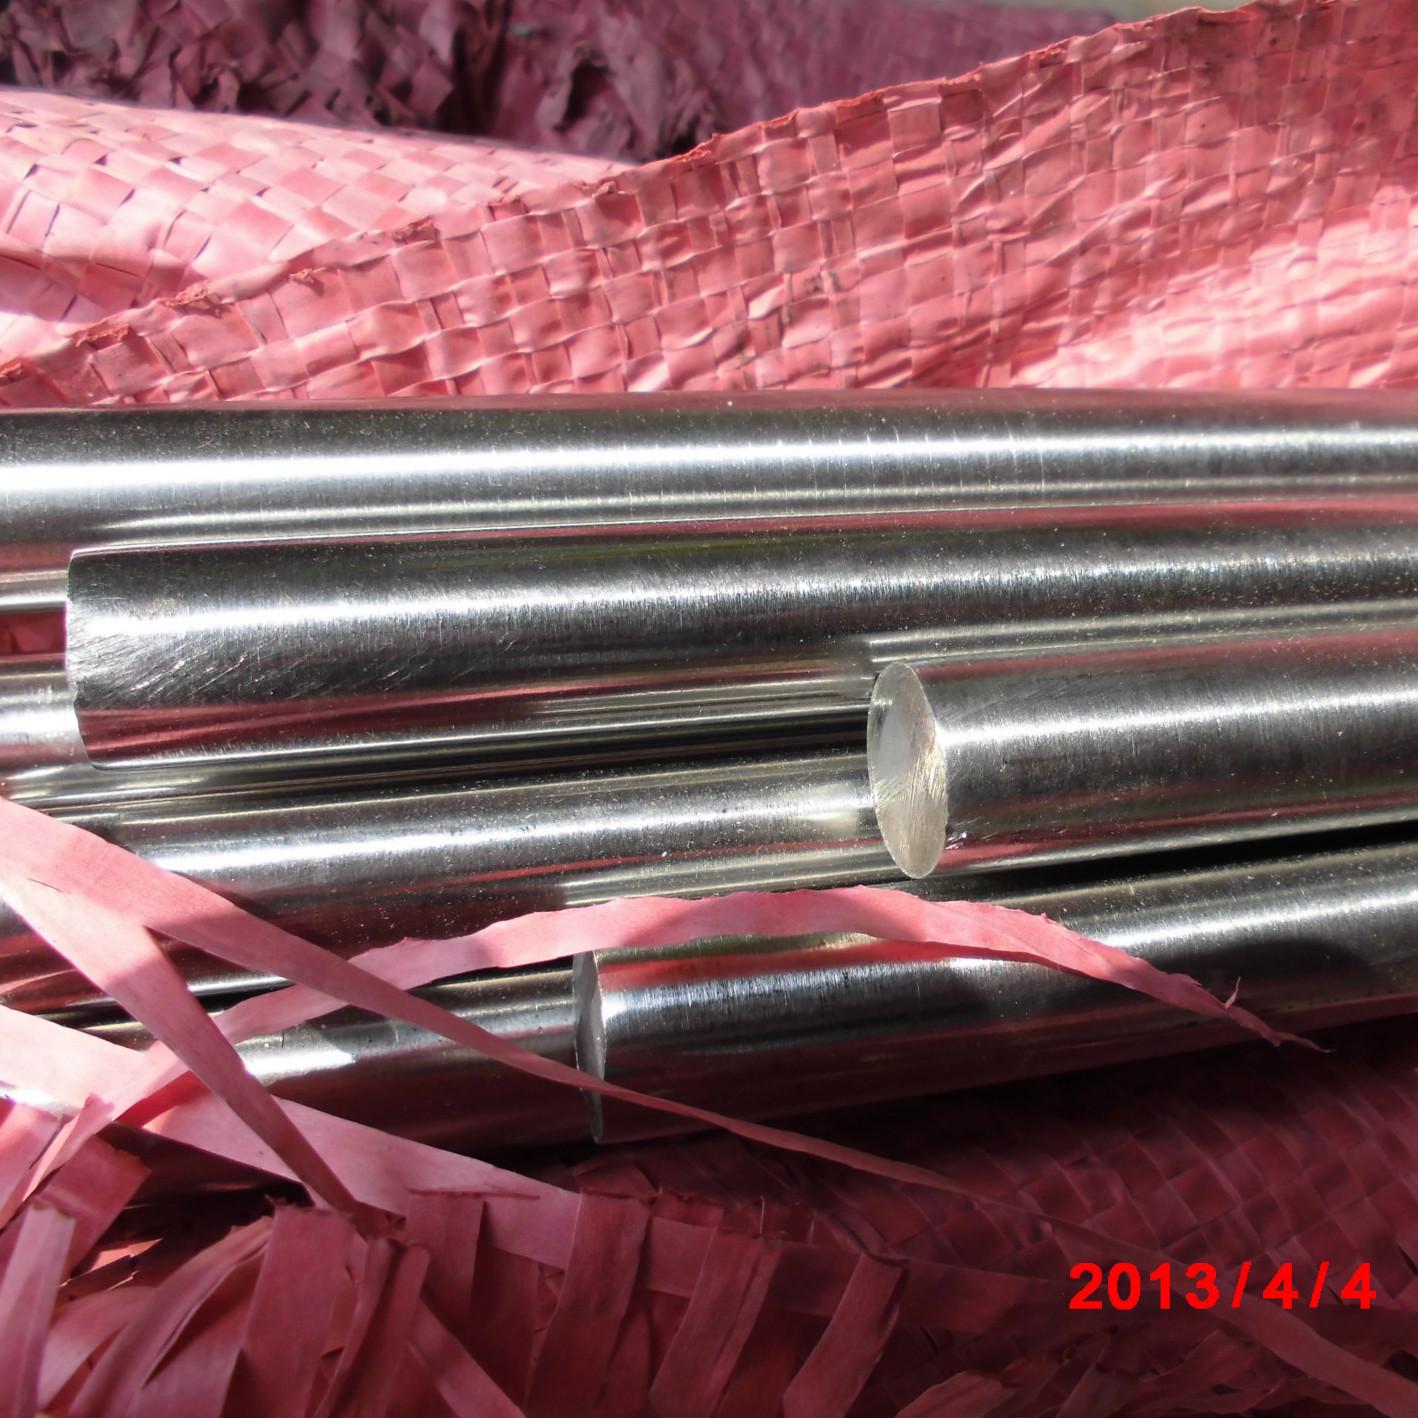 长期销售4J58国产铁镍合金圆棒 东莞4J58棒材 可零售